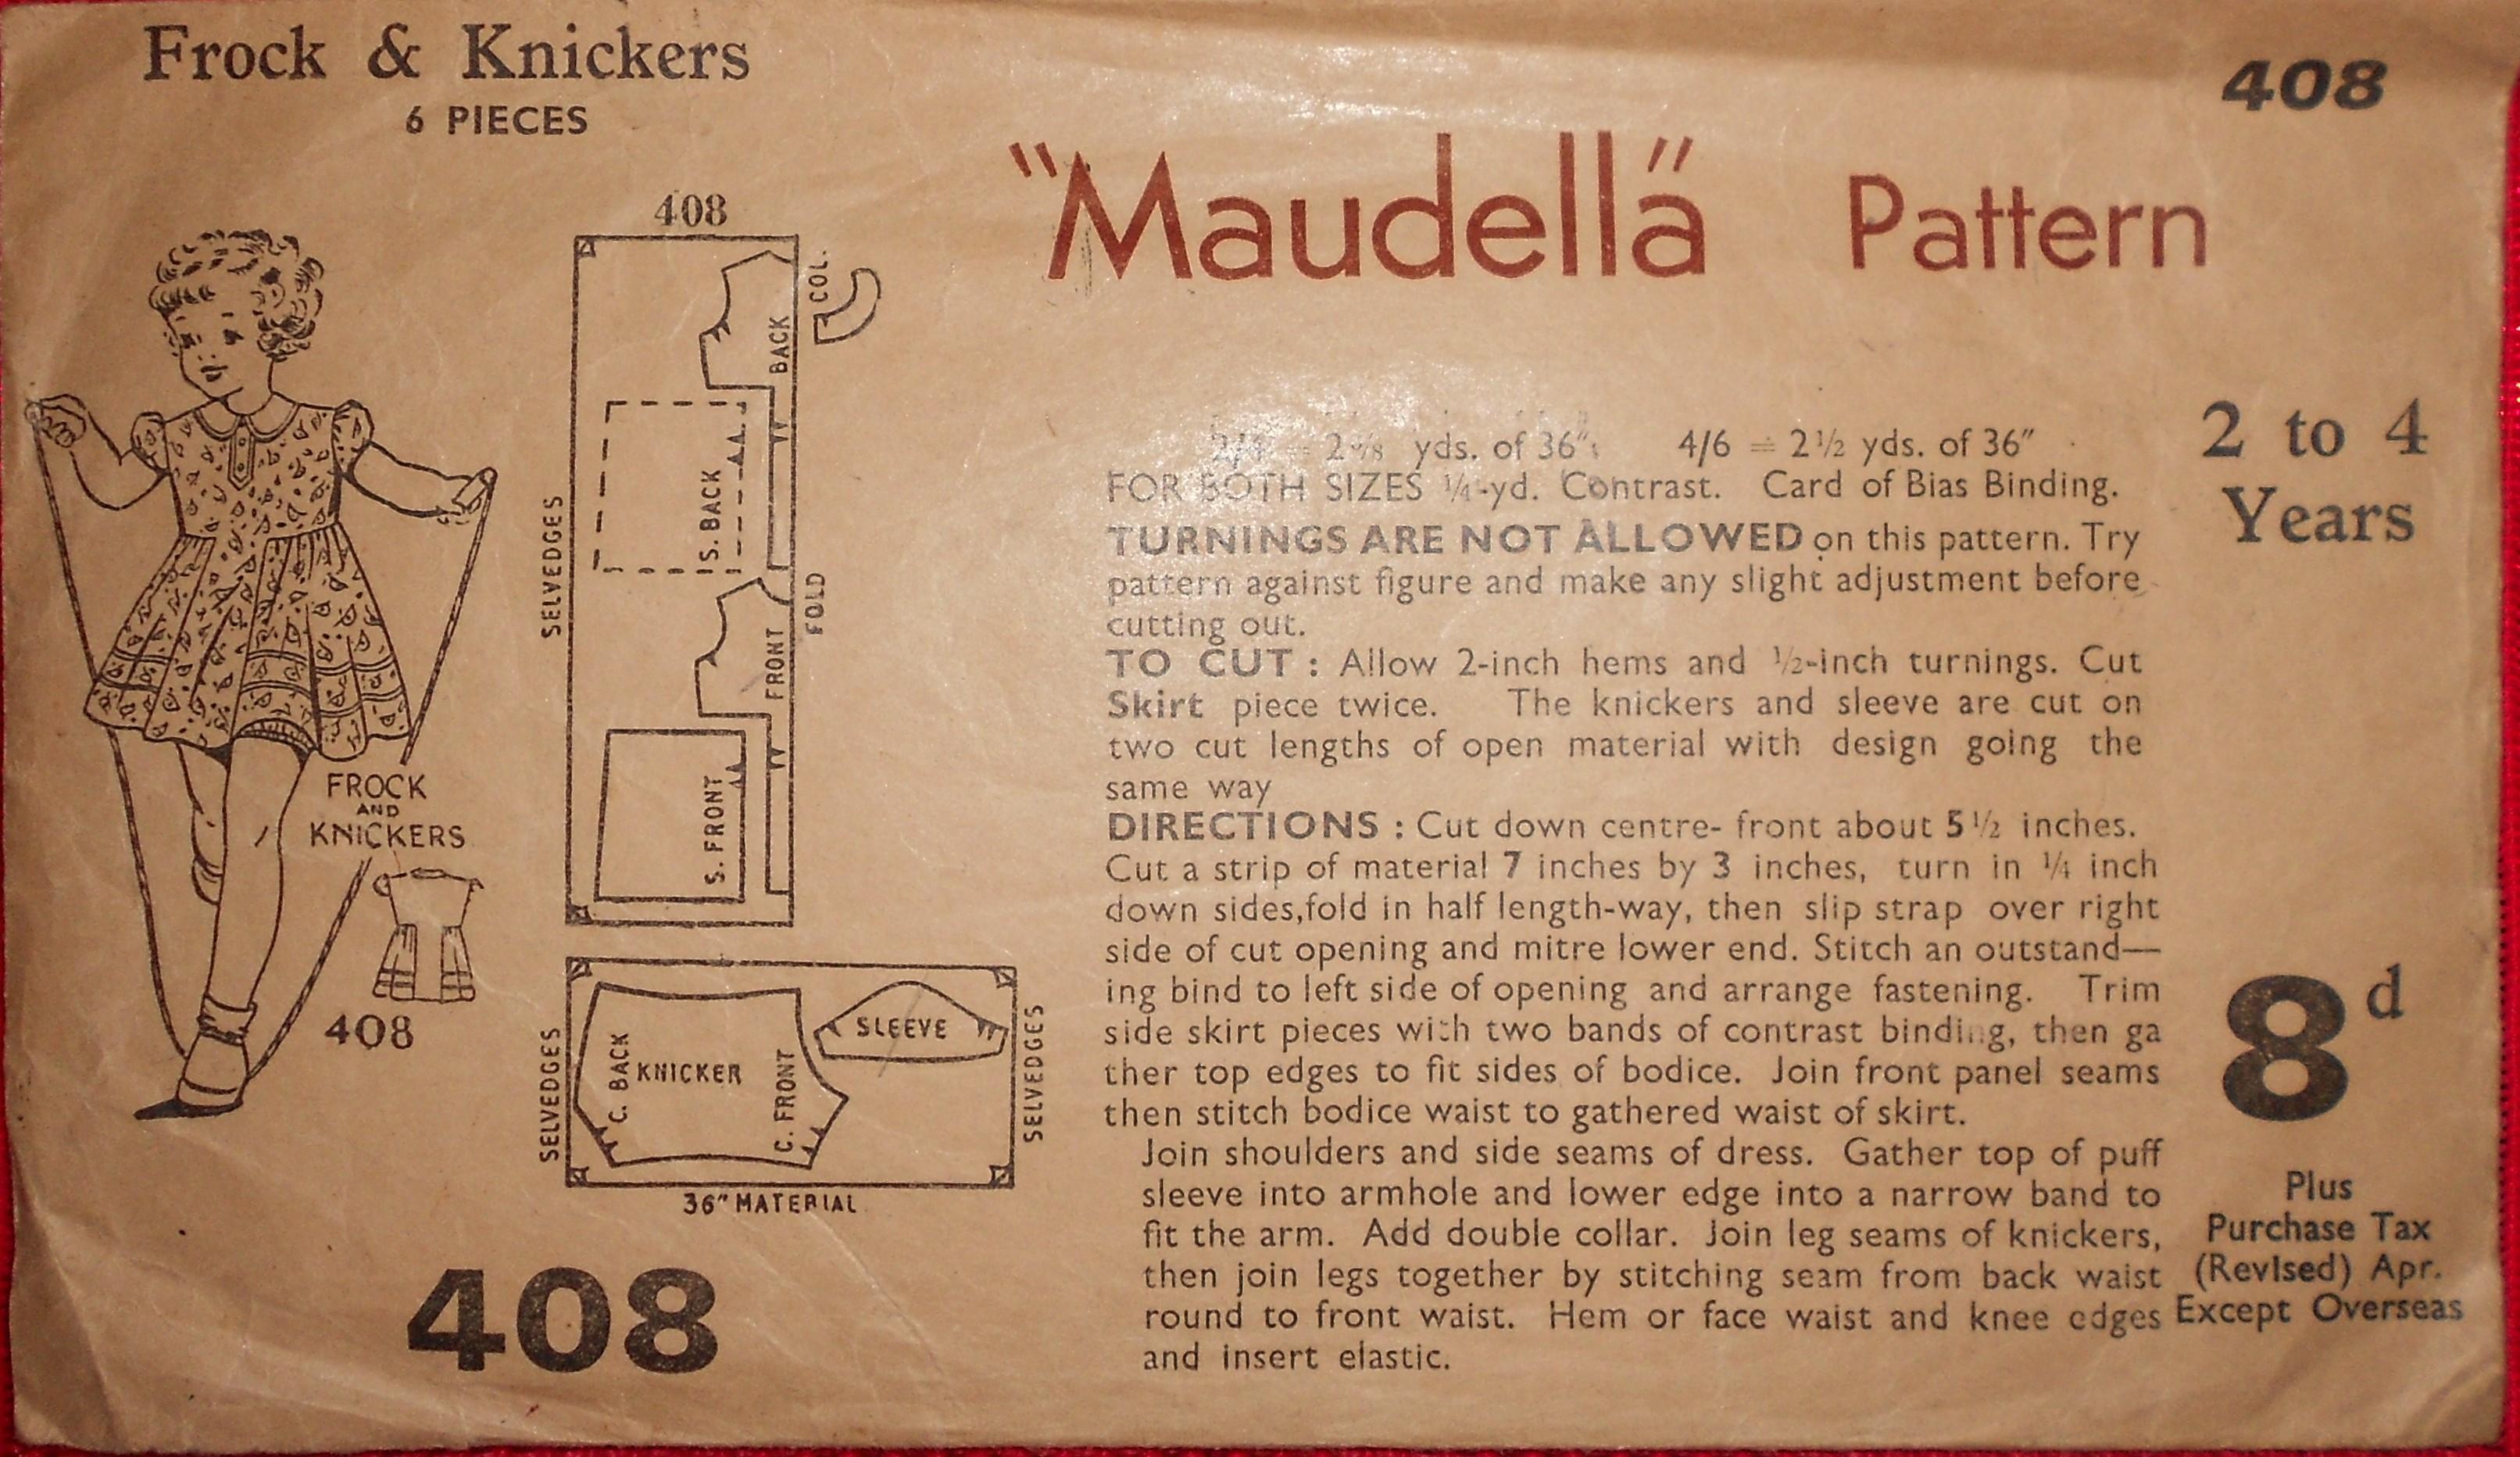 Maudella 408